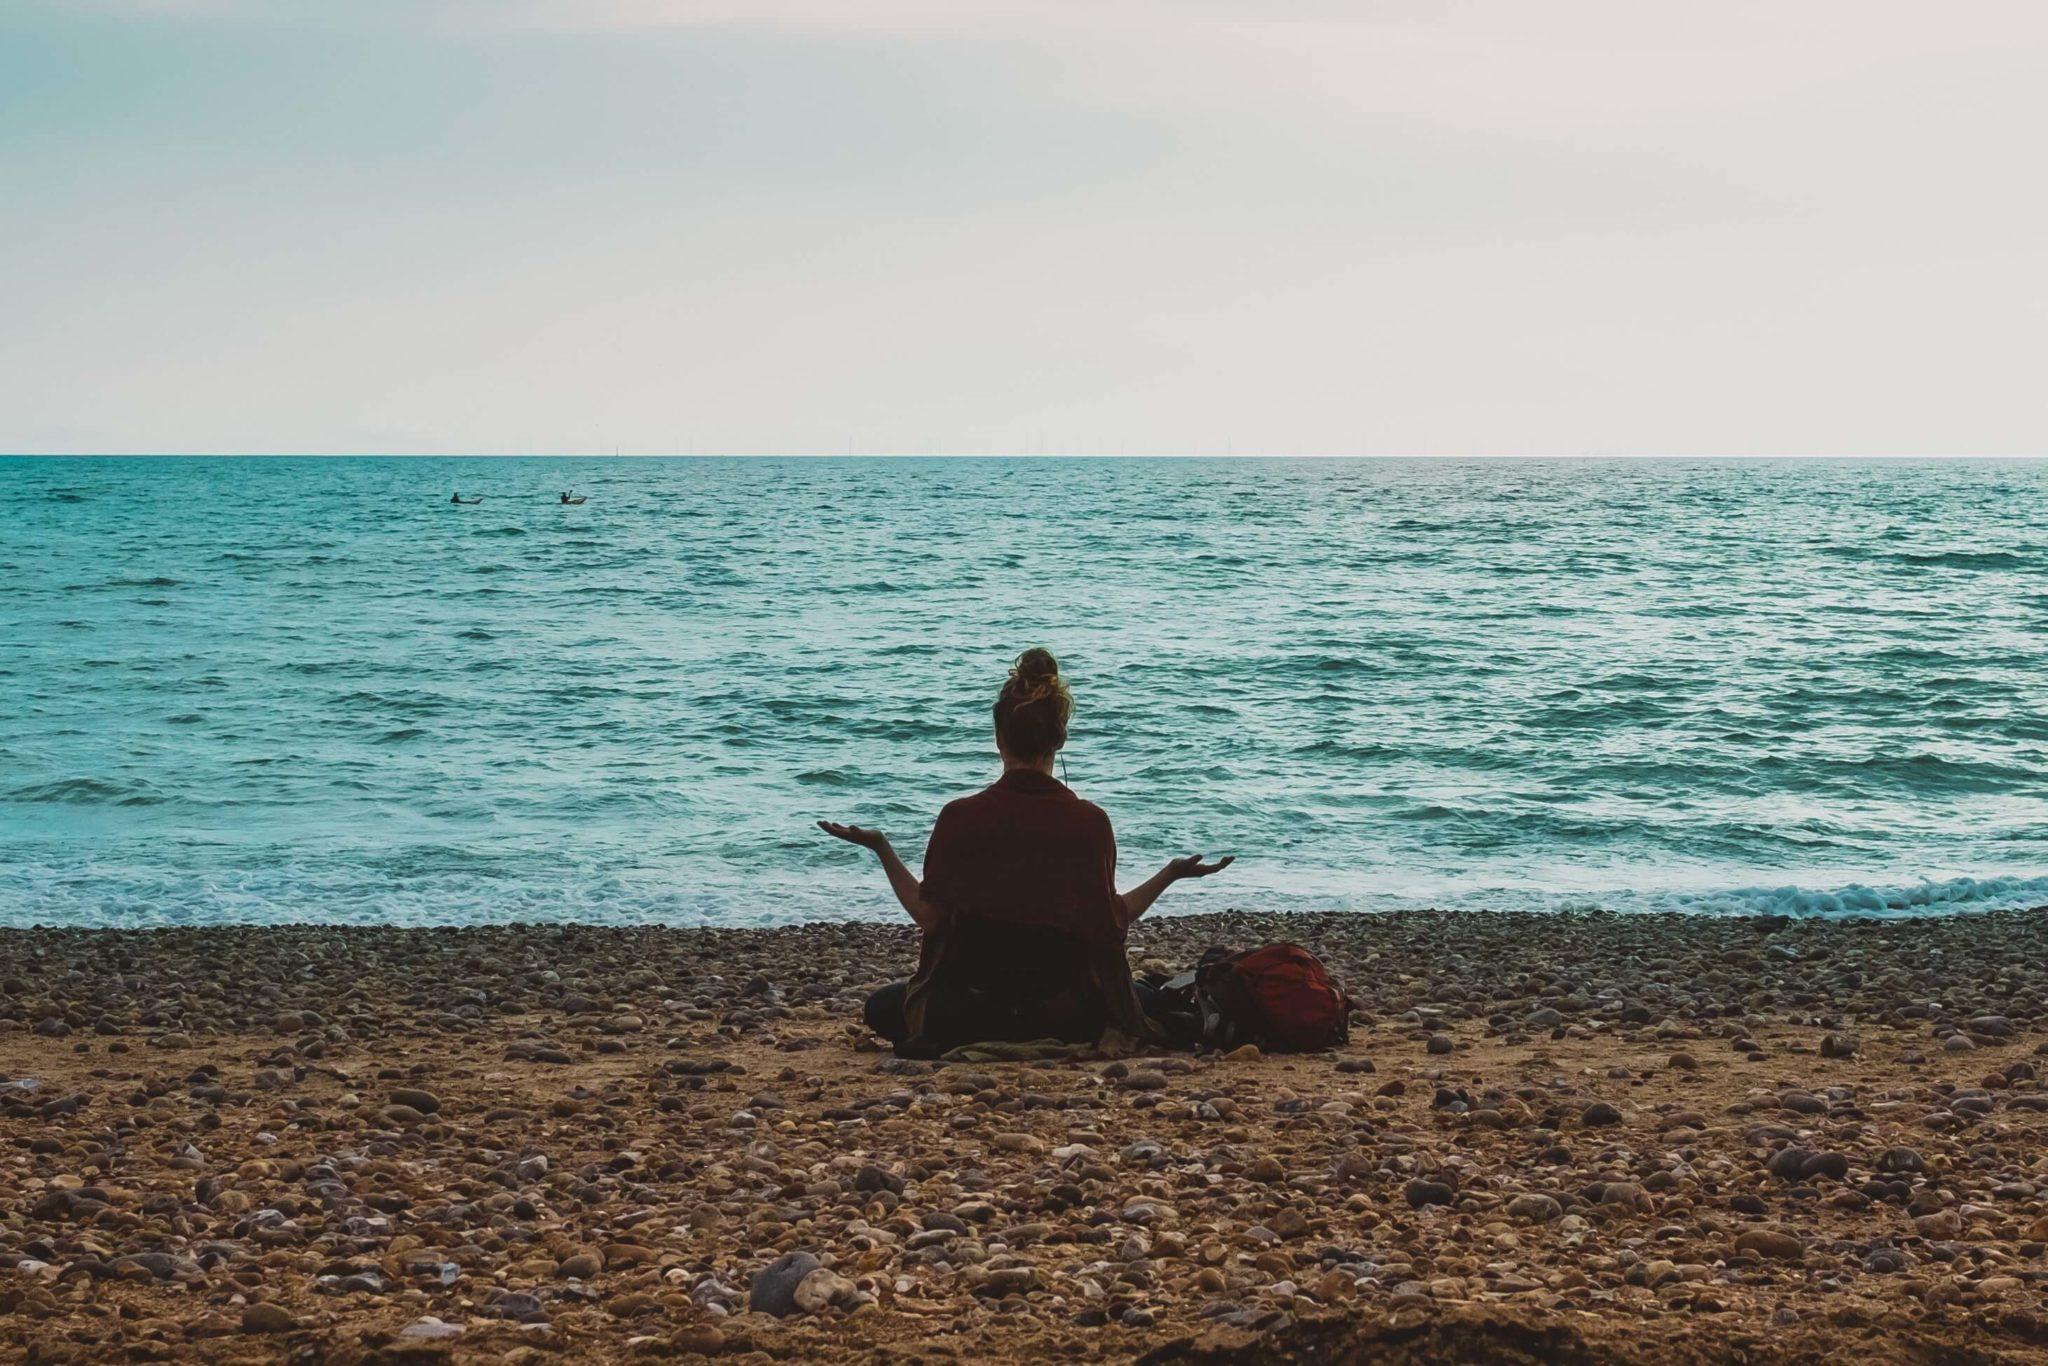 jak odkryć siebie, jak rozpocząć medytacje, joga, jak odkryć swoją drogę, jak odnaleźć pasję, rozój duchowy, rozwój osobisty, medytacja, od czego zaczać medytację, po co medytować, jak medytować